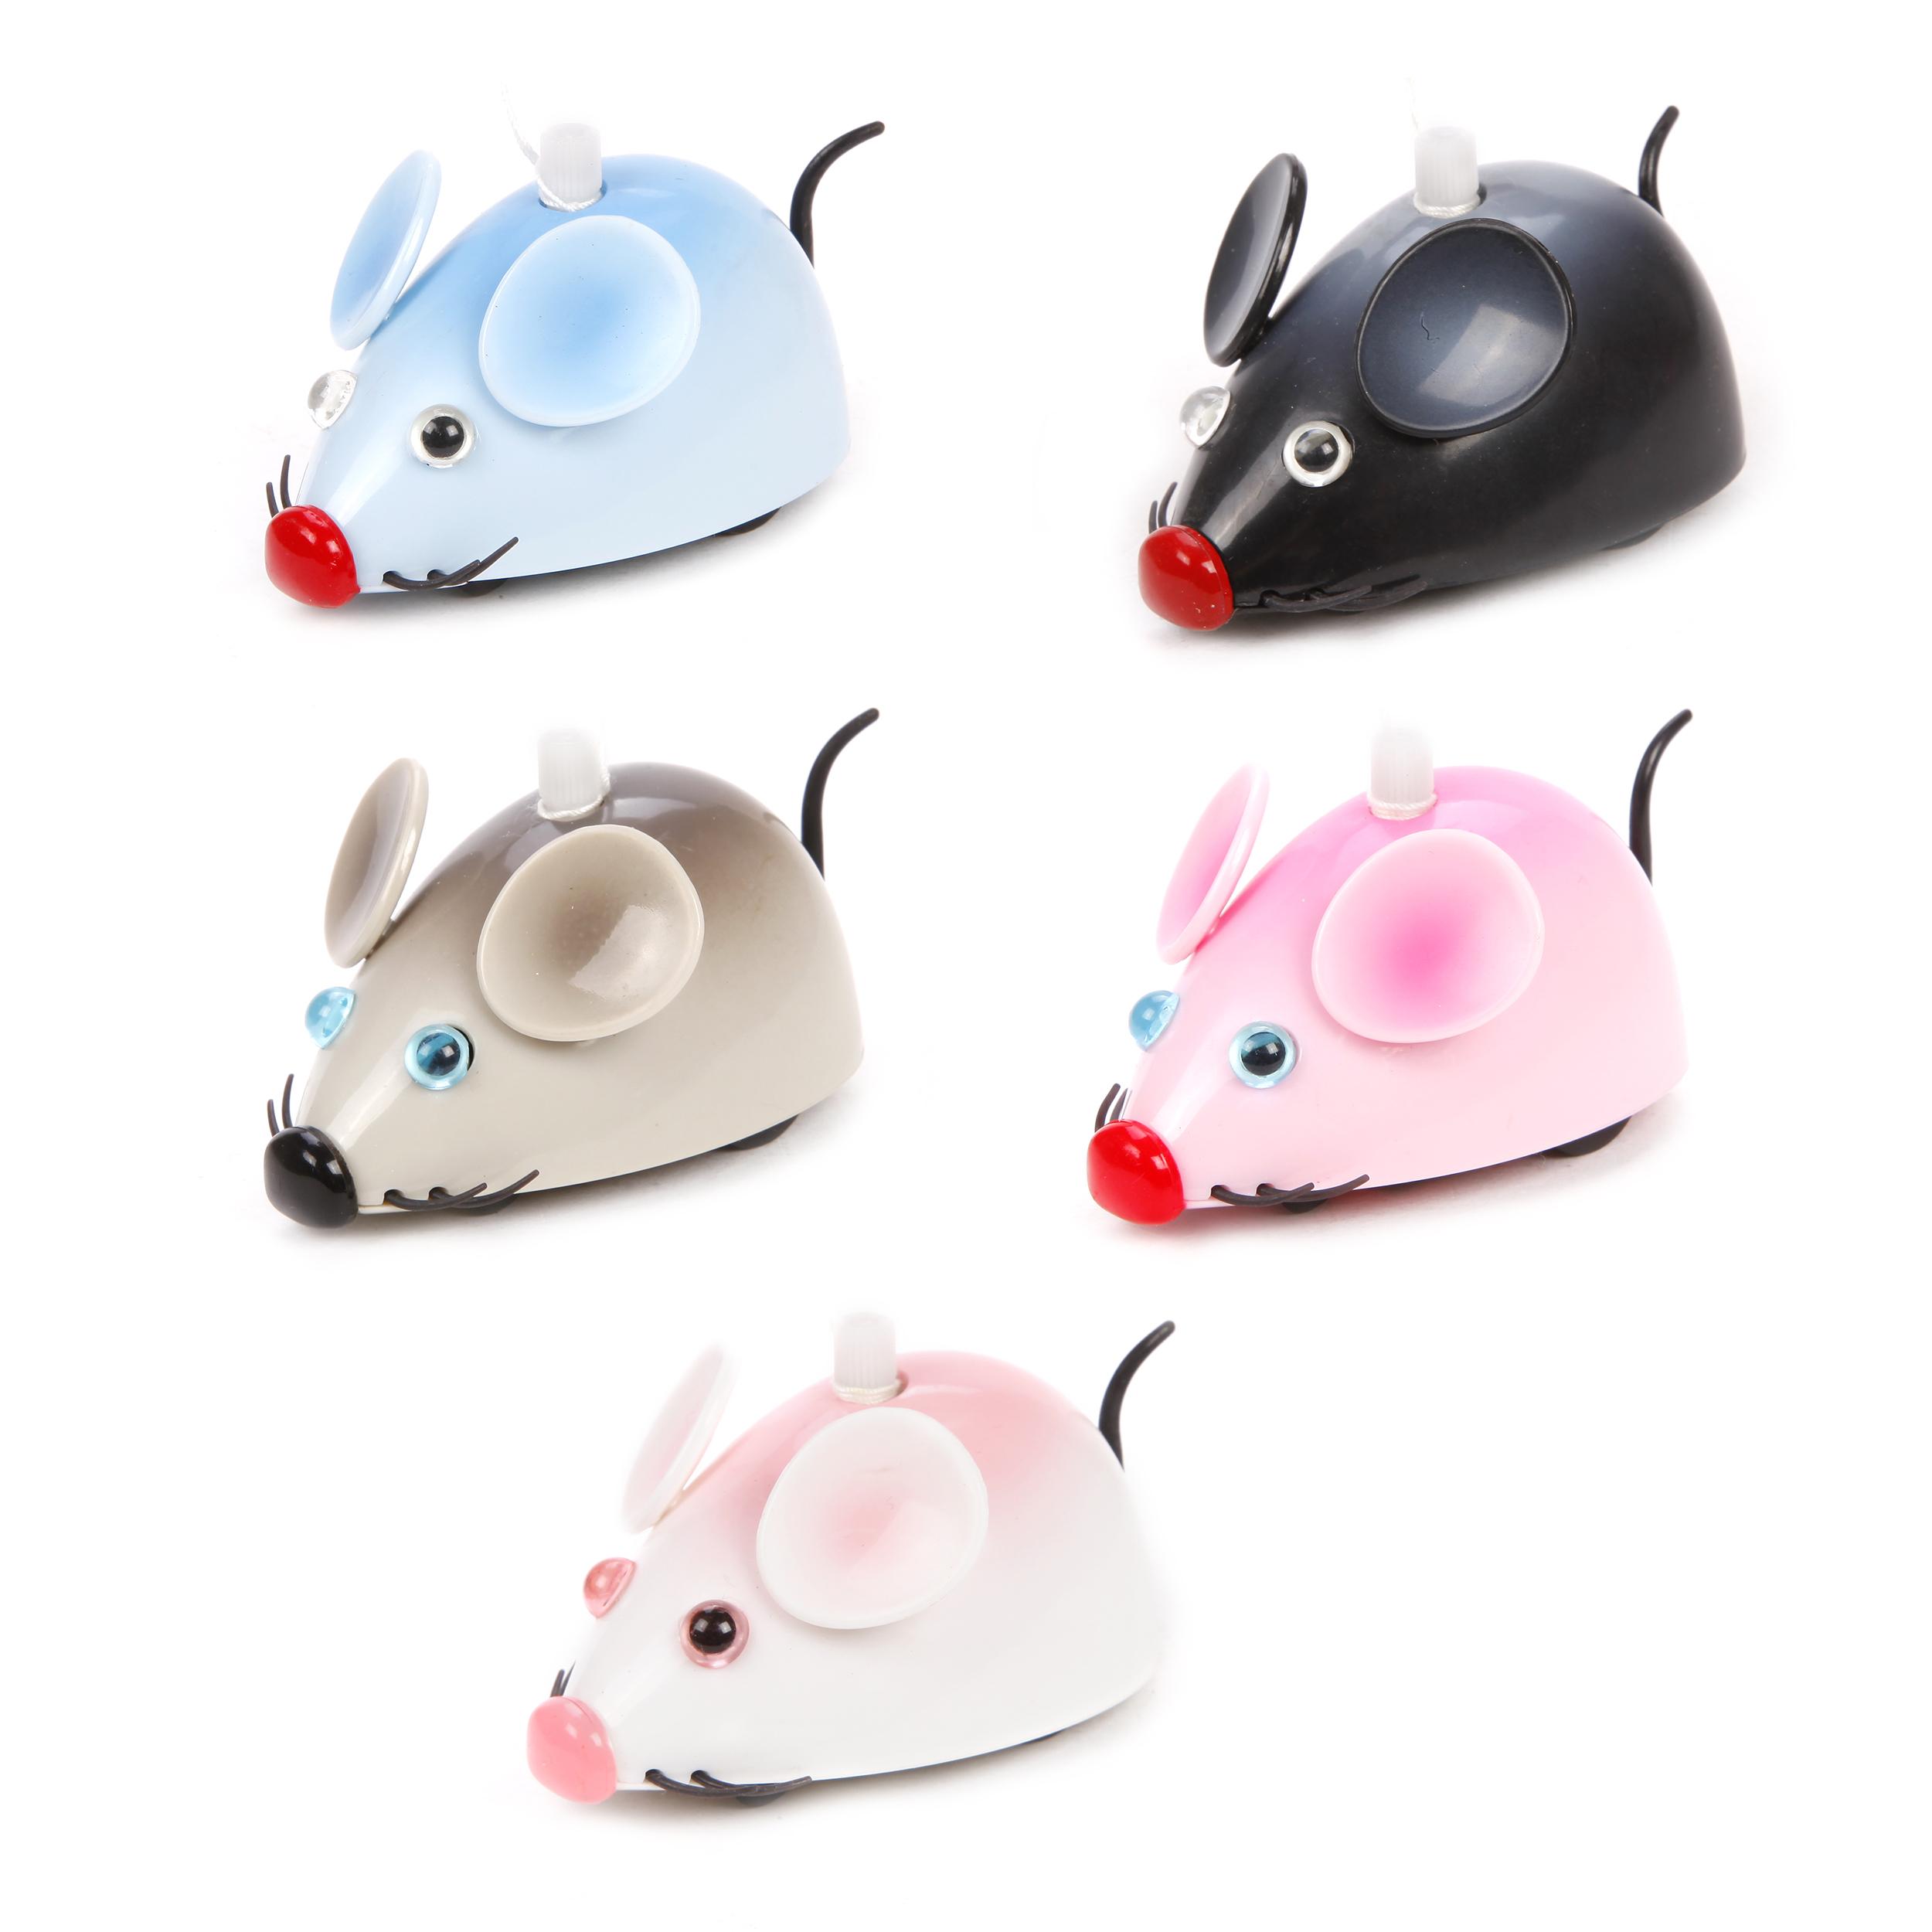 Купить Заводная игрушка, Мышка 6 видов, в ассортименте., 1шт., Жирафики 68880, Китай